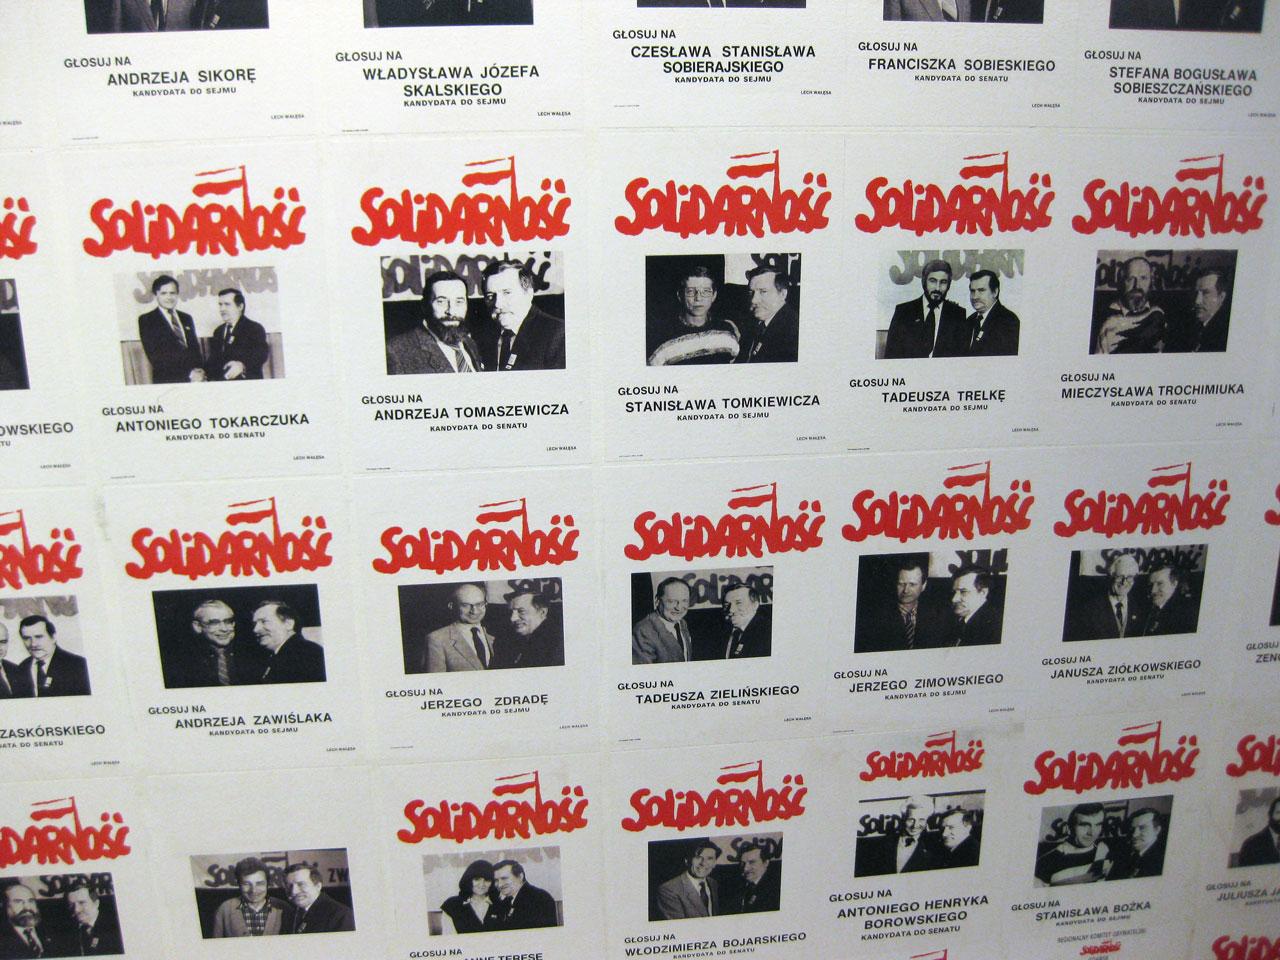 Solidarność election posters